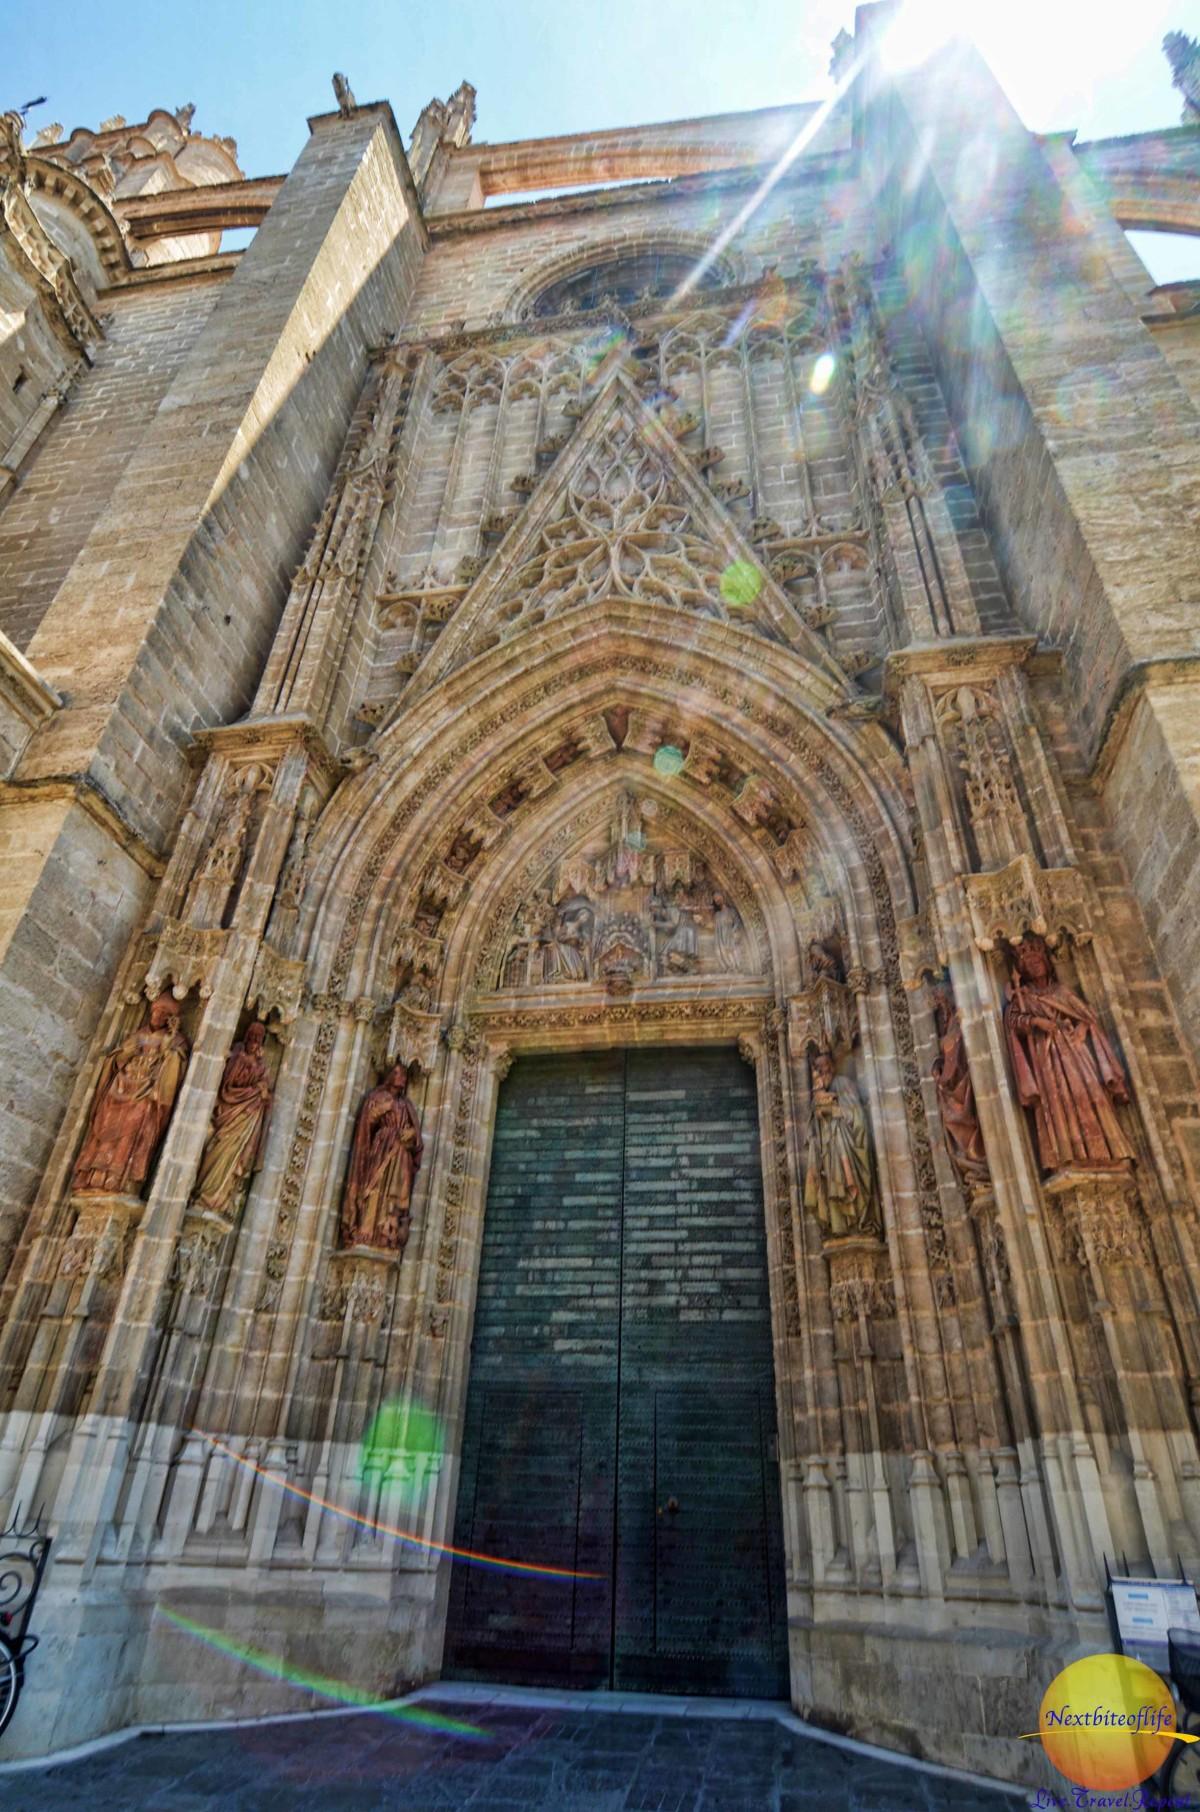 la puerta de bautismo - seville cathedral